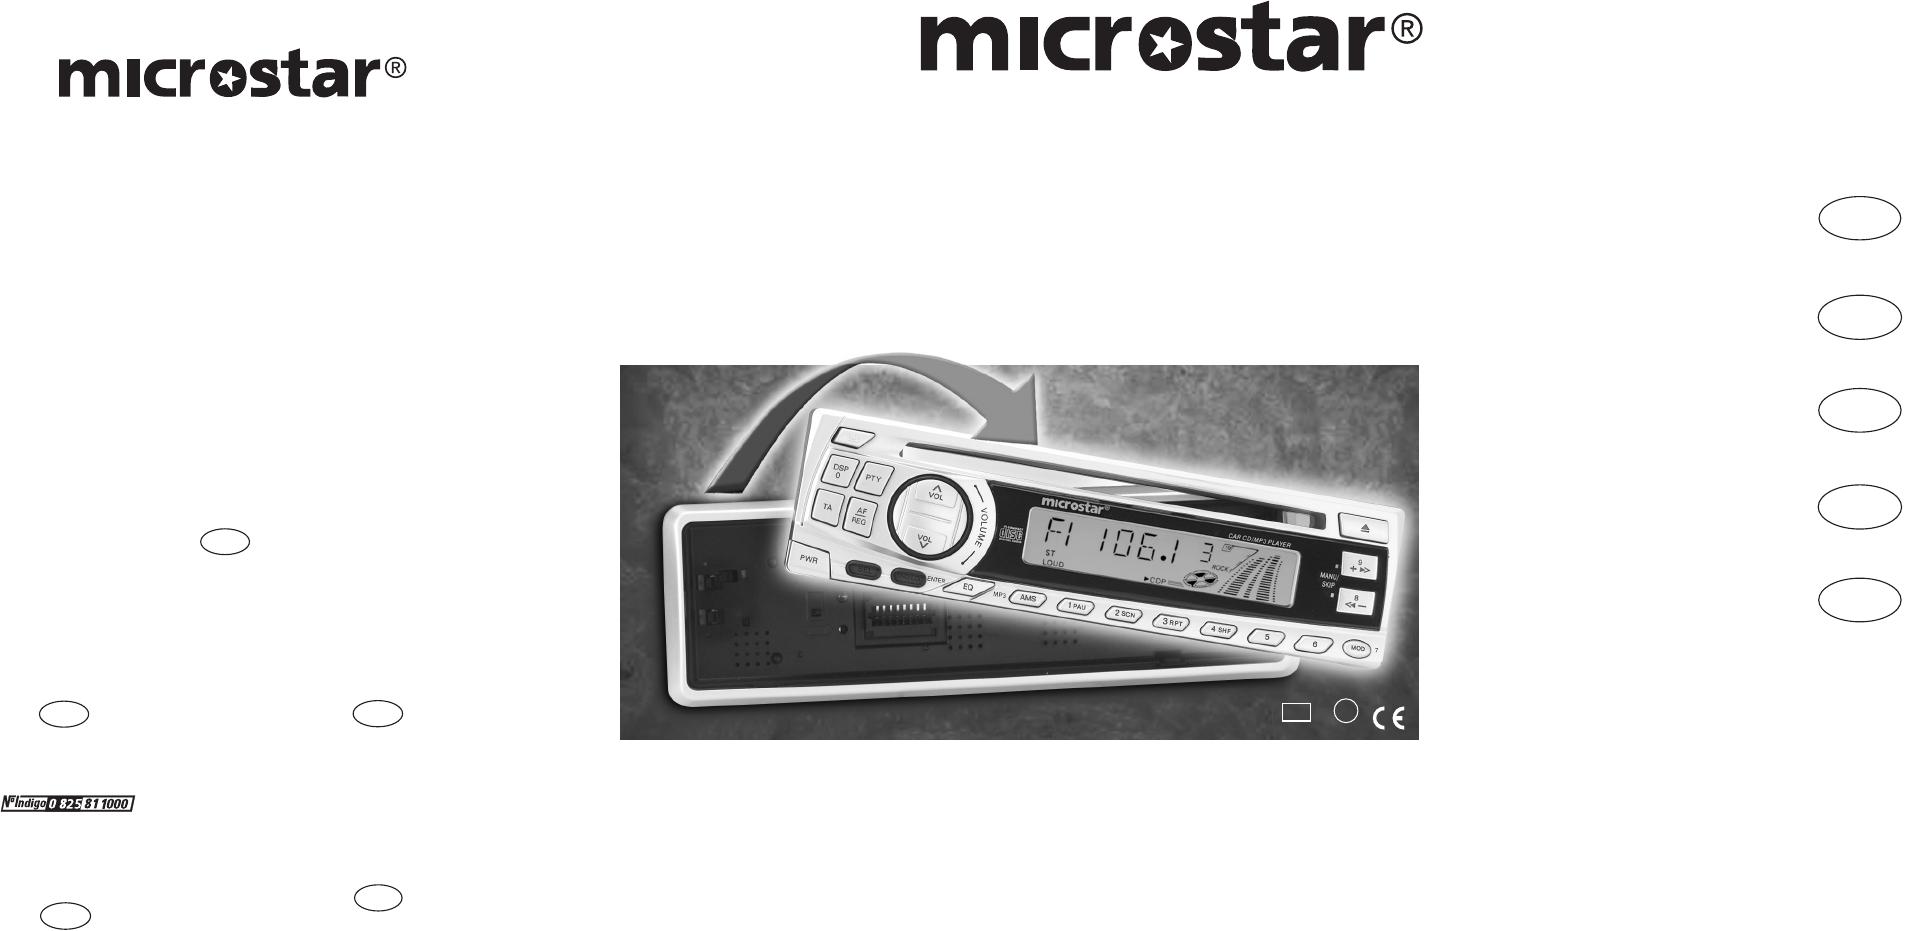 Bedienungsanleitung Microstar md 4925 mp3 (Seite 1 von 16) (Deutsch)